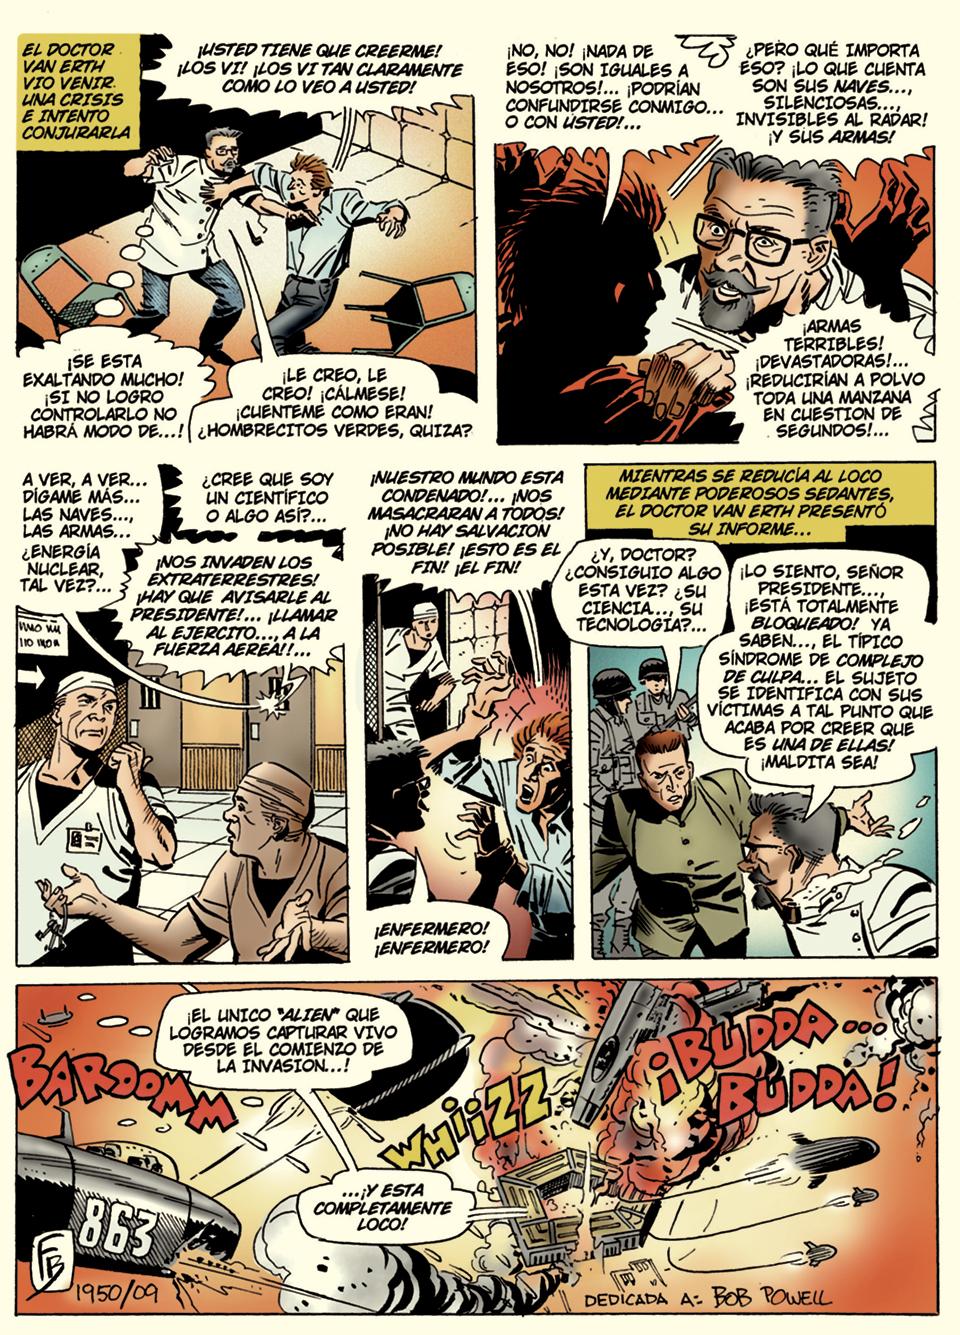 Pagina 2 art by Eduardo Barreto